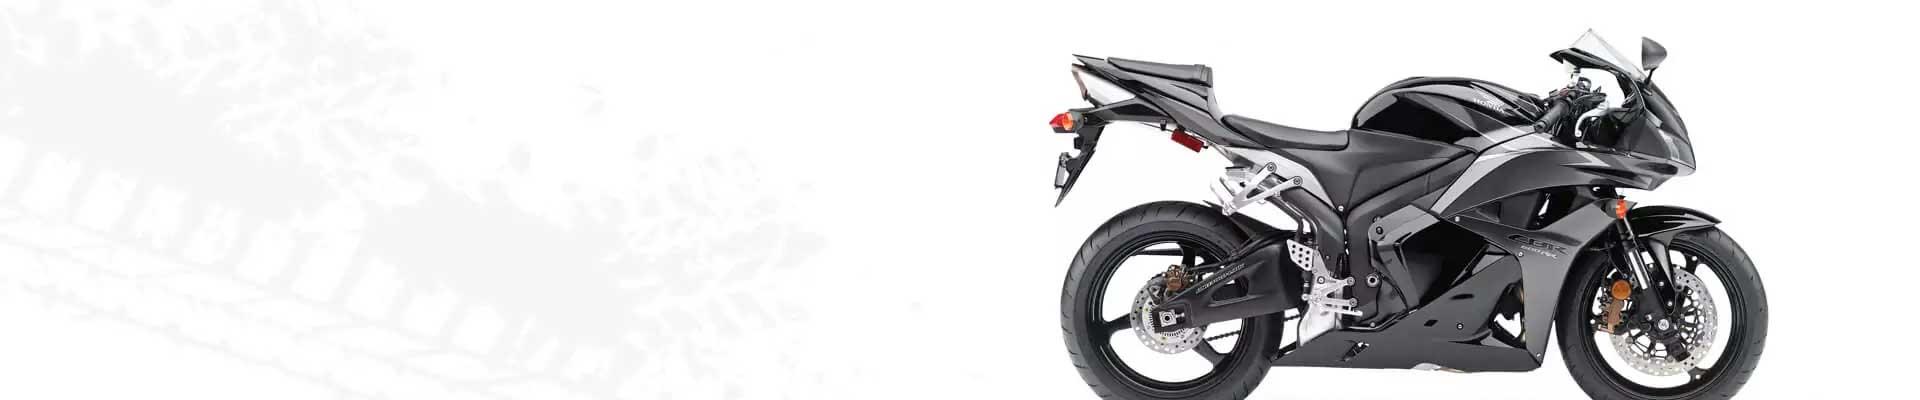 honda-bike